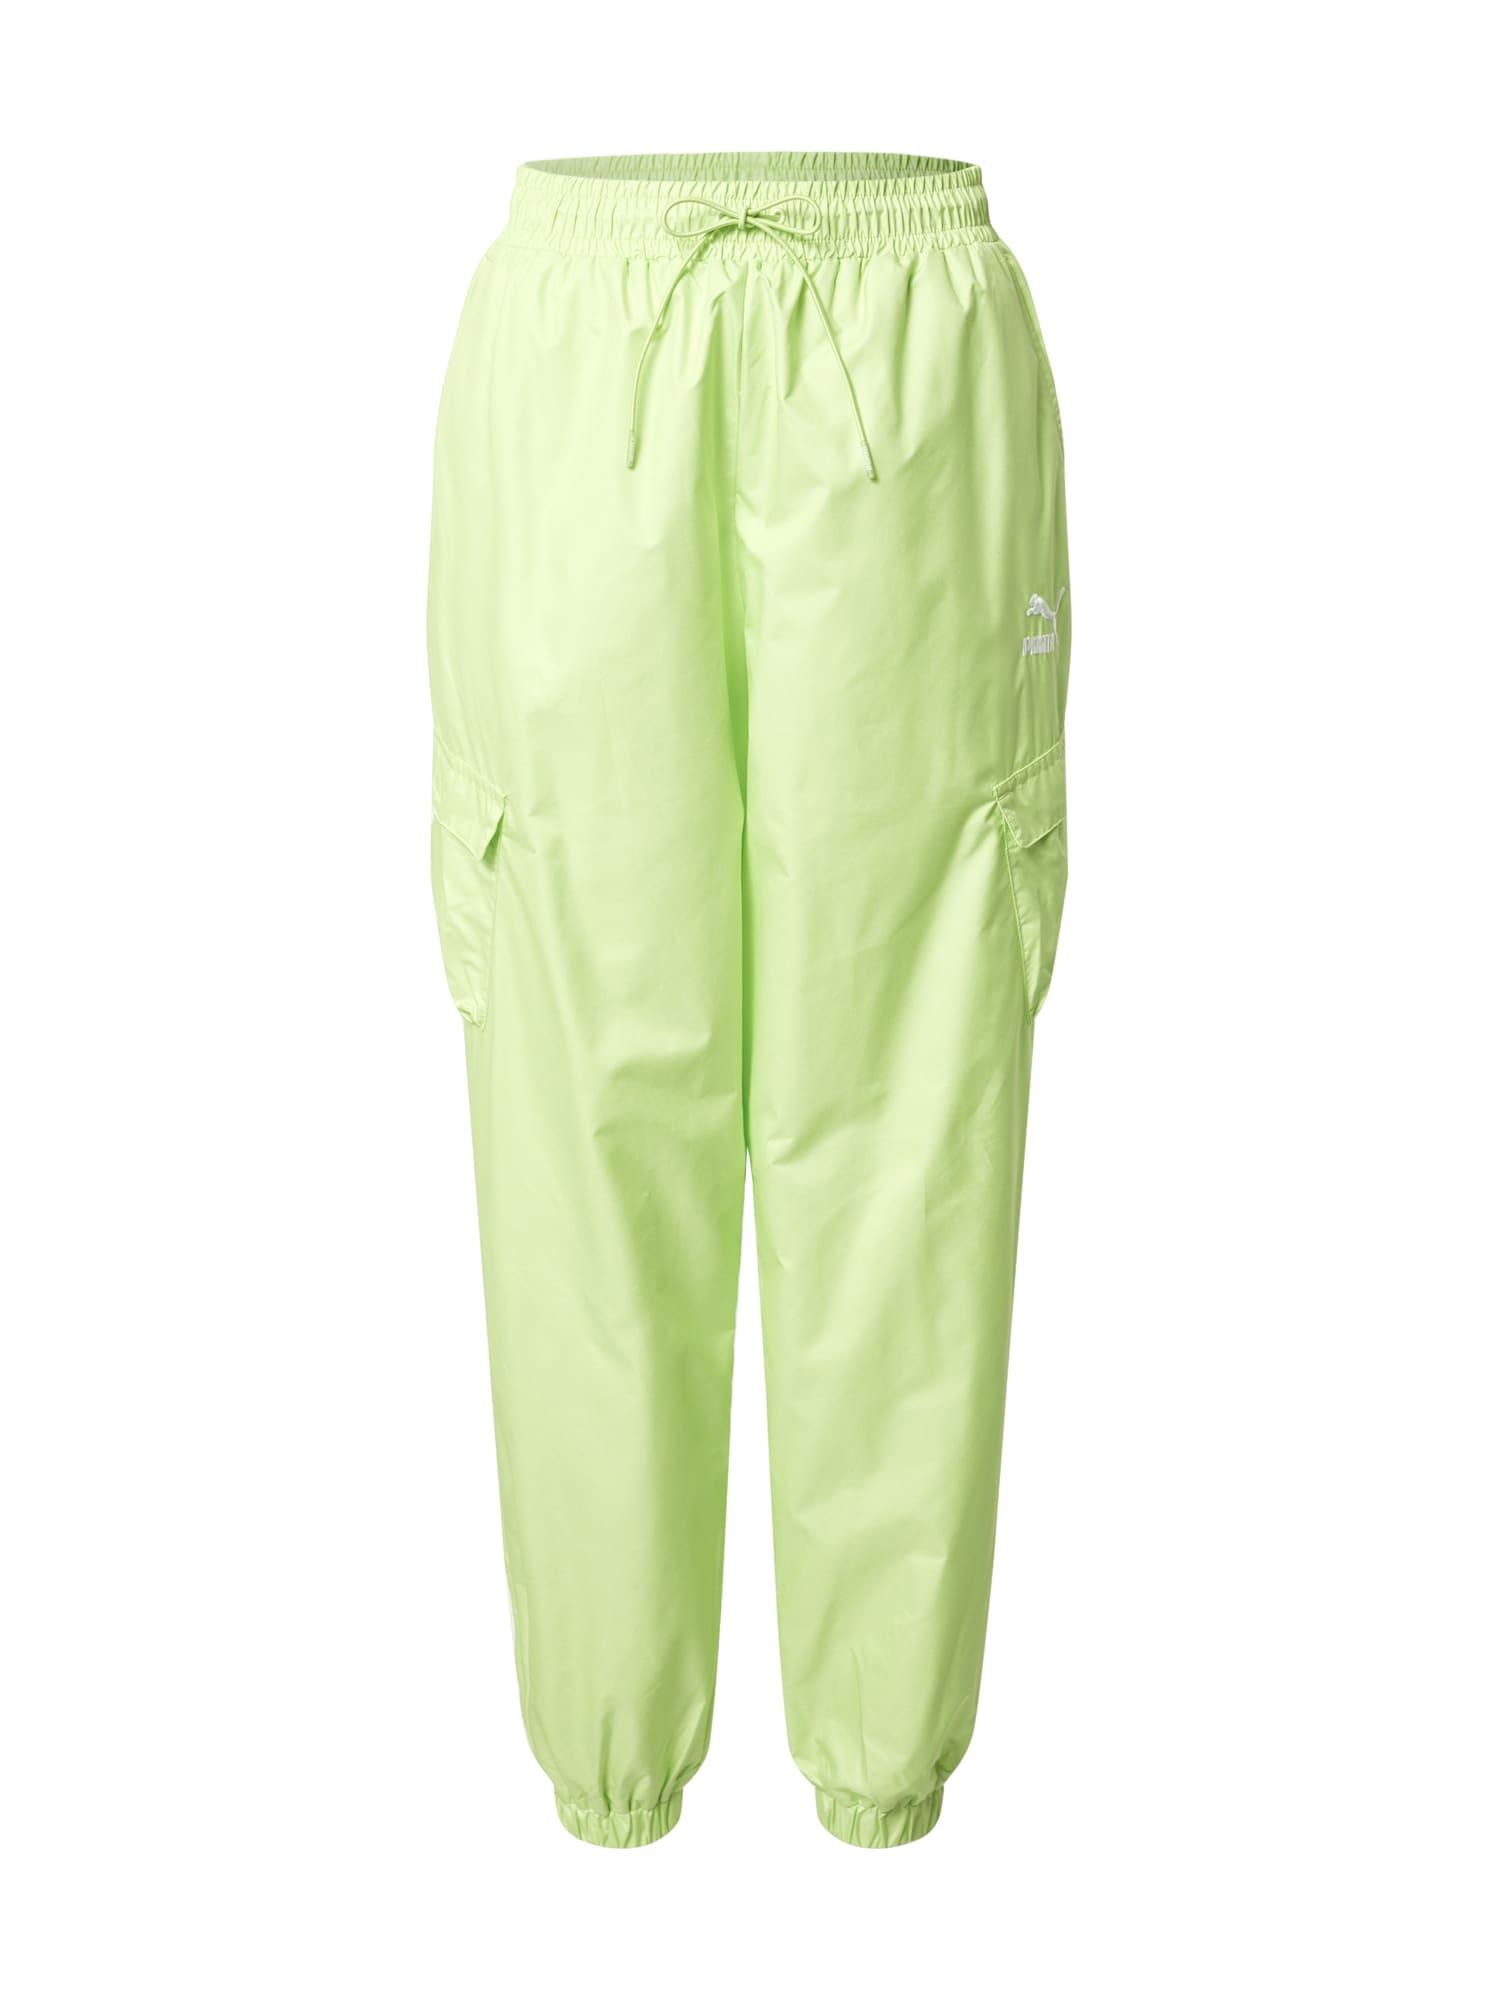 PUMA Laisvo stiliaus kelnės neoninė žalia